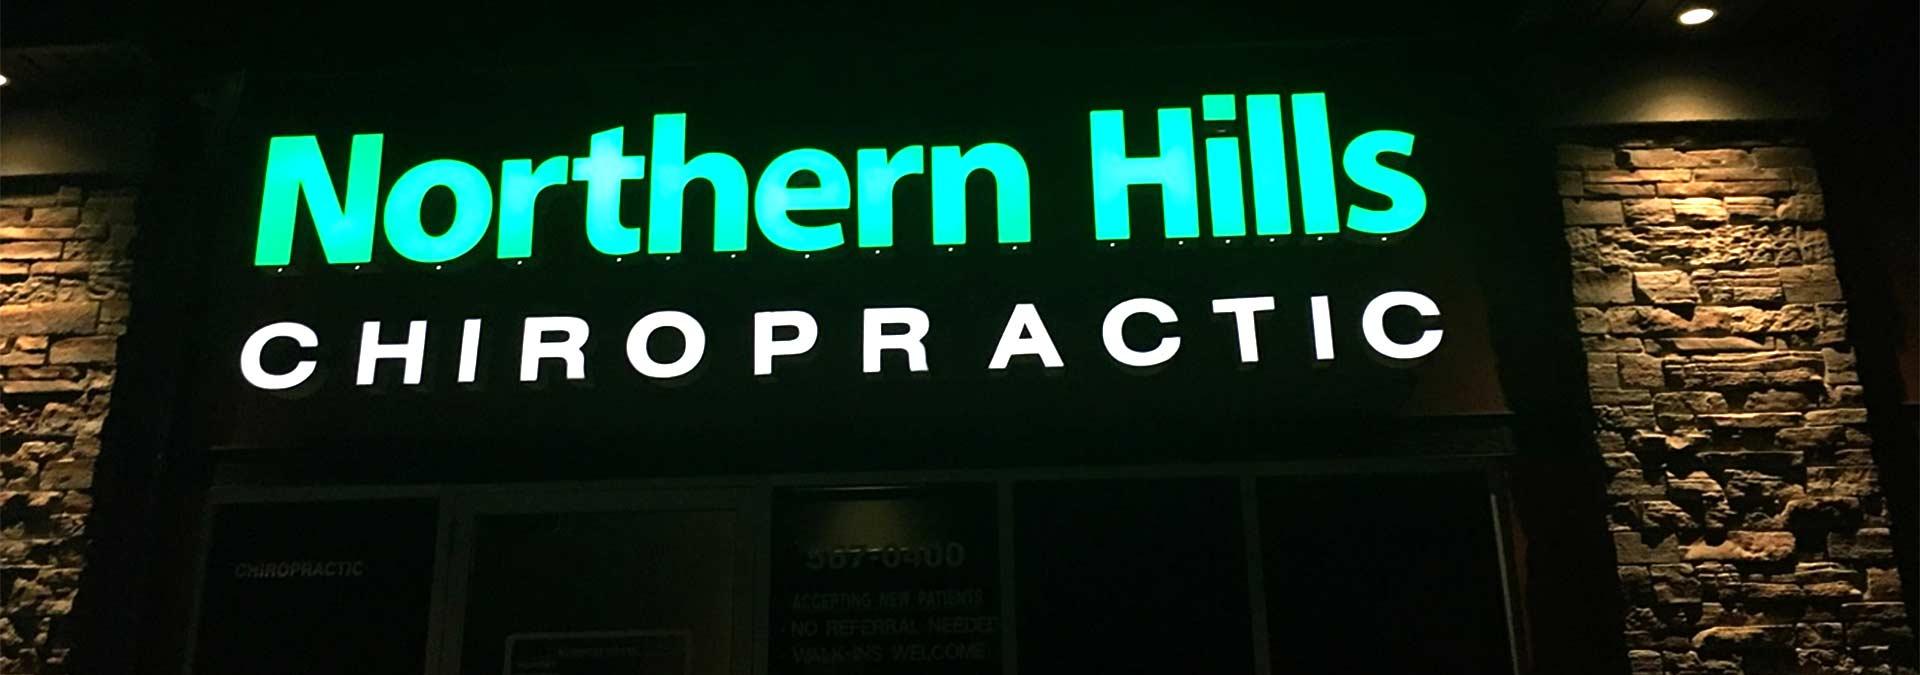 northern-hills-chiropractic-exterior